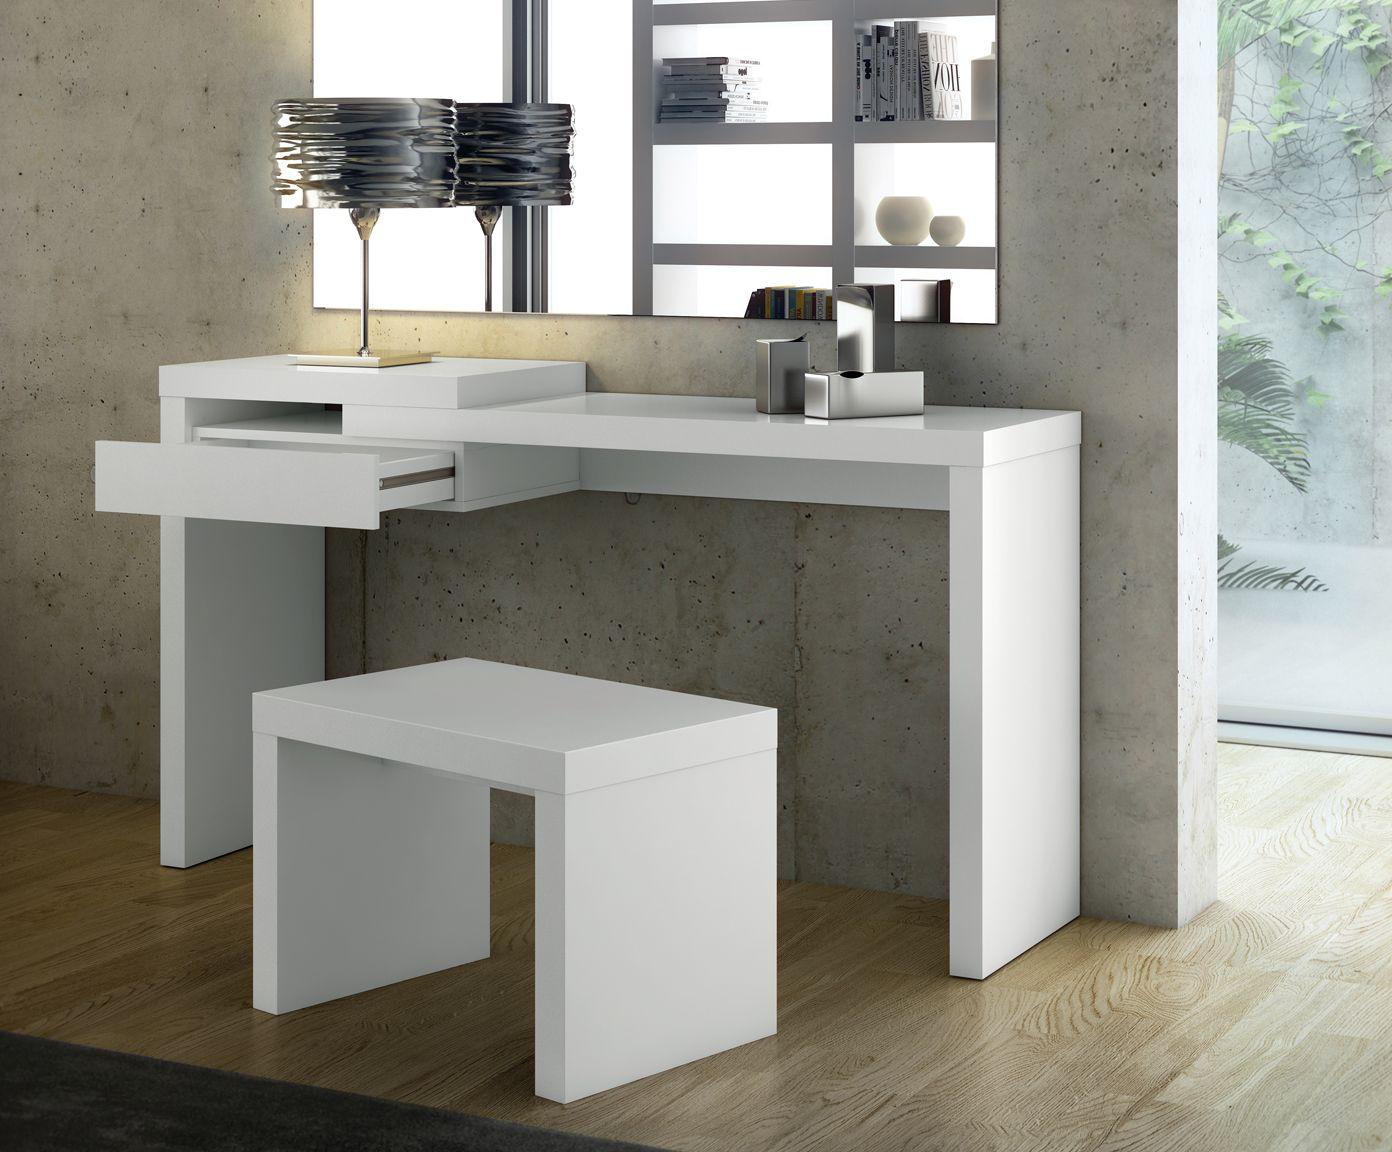 Alltagsheld Verwenden Sie diesen Tisch als Arbeitsplatz